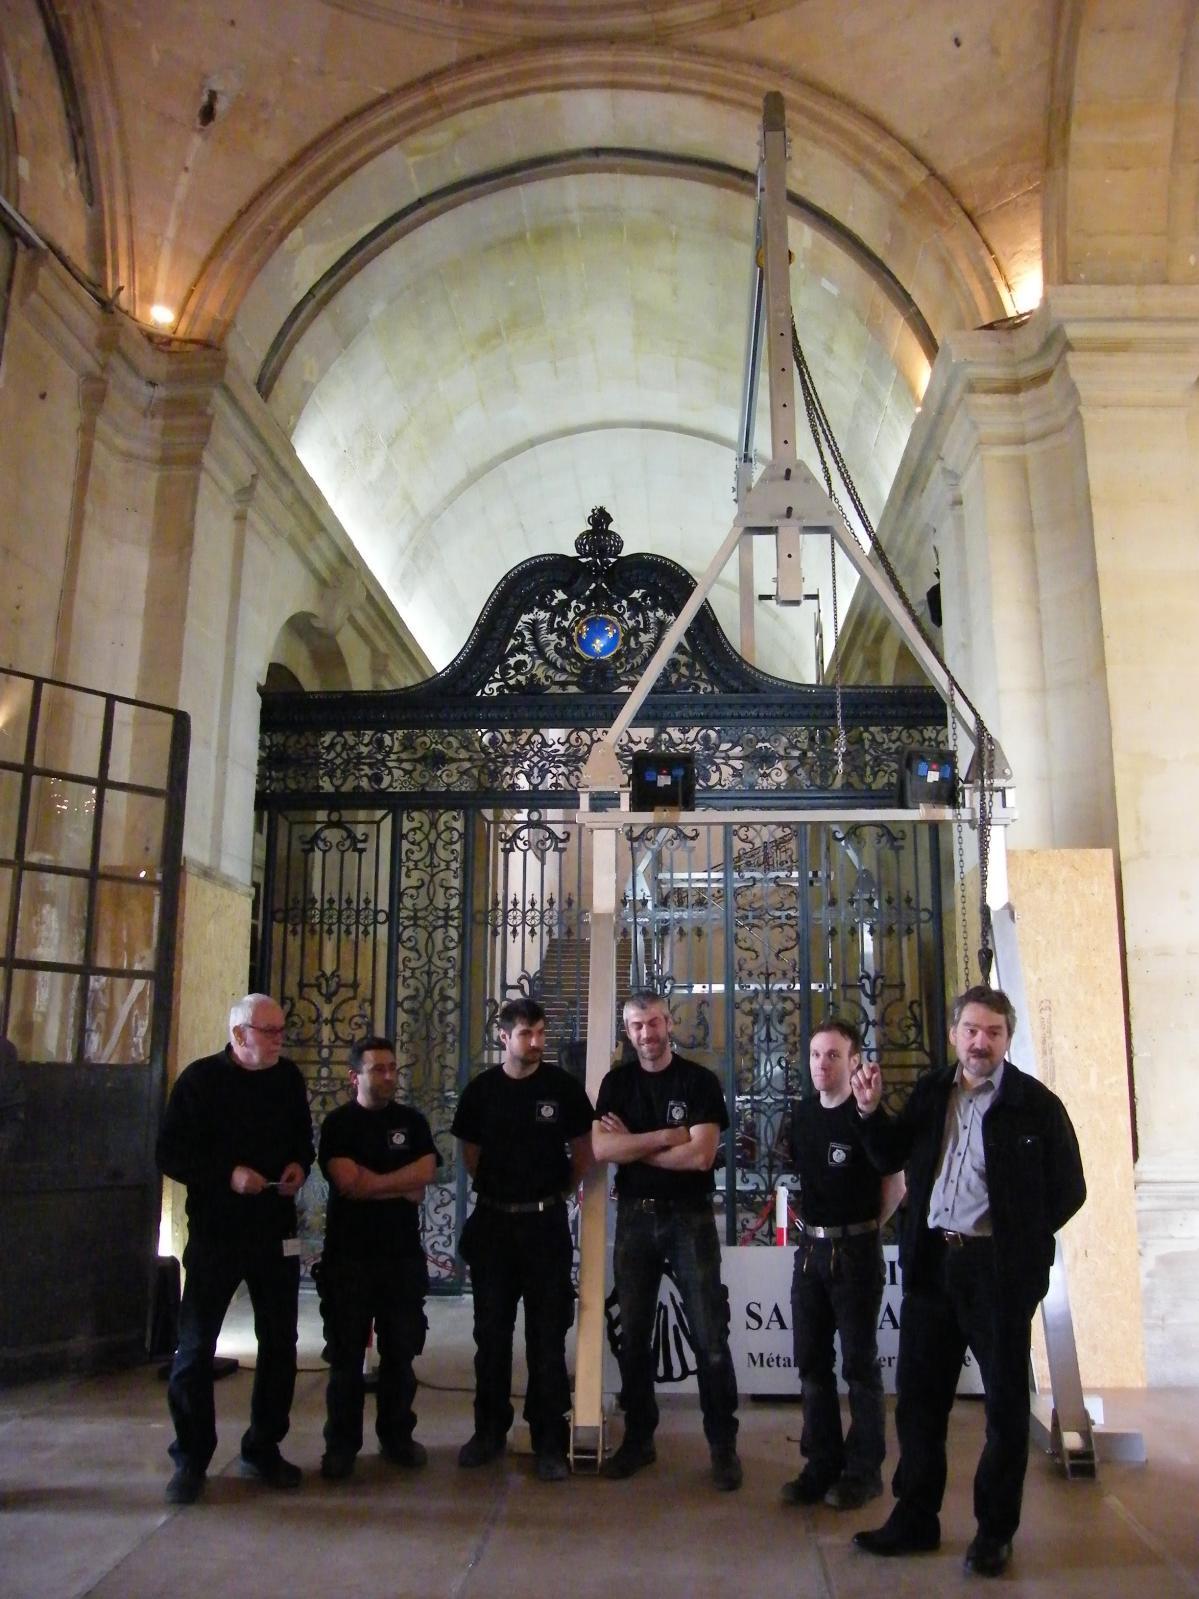 L'équipe de métalliers ferronniers des Ateliers Saint-Jacques le 21avril dernier, jour de la réinstallation de la grille de Pierre Denis dans l'ancie